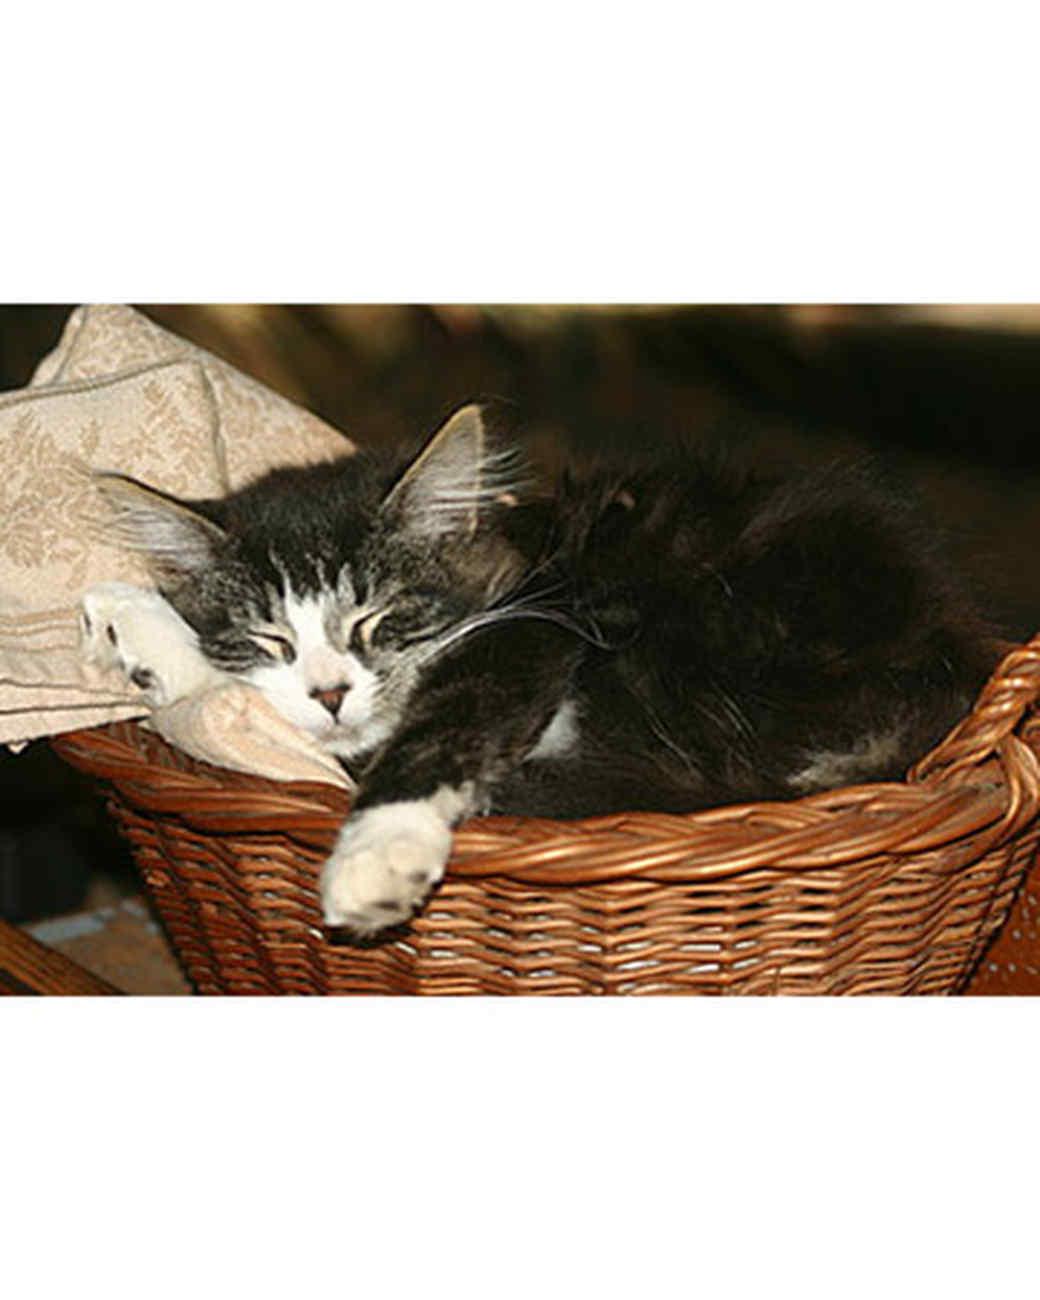 pets_kittens_0710_9517300_23562986.jpg